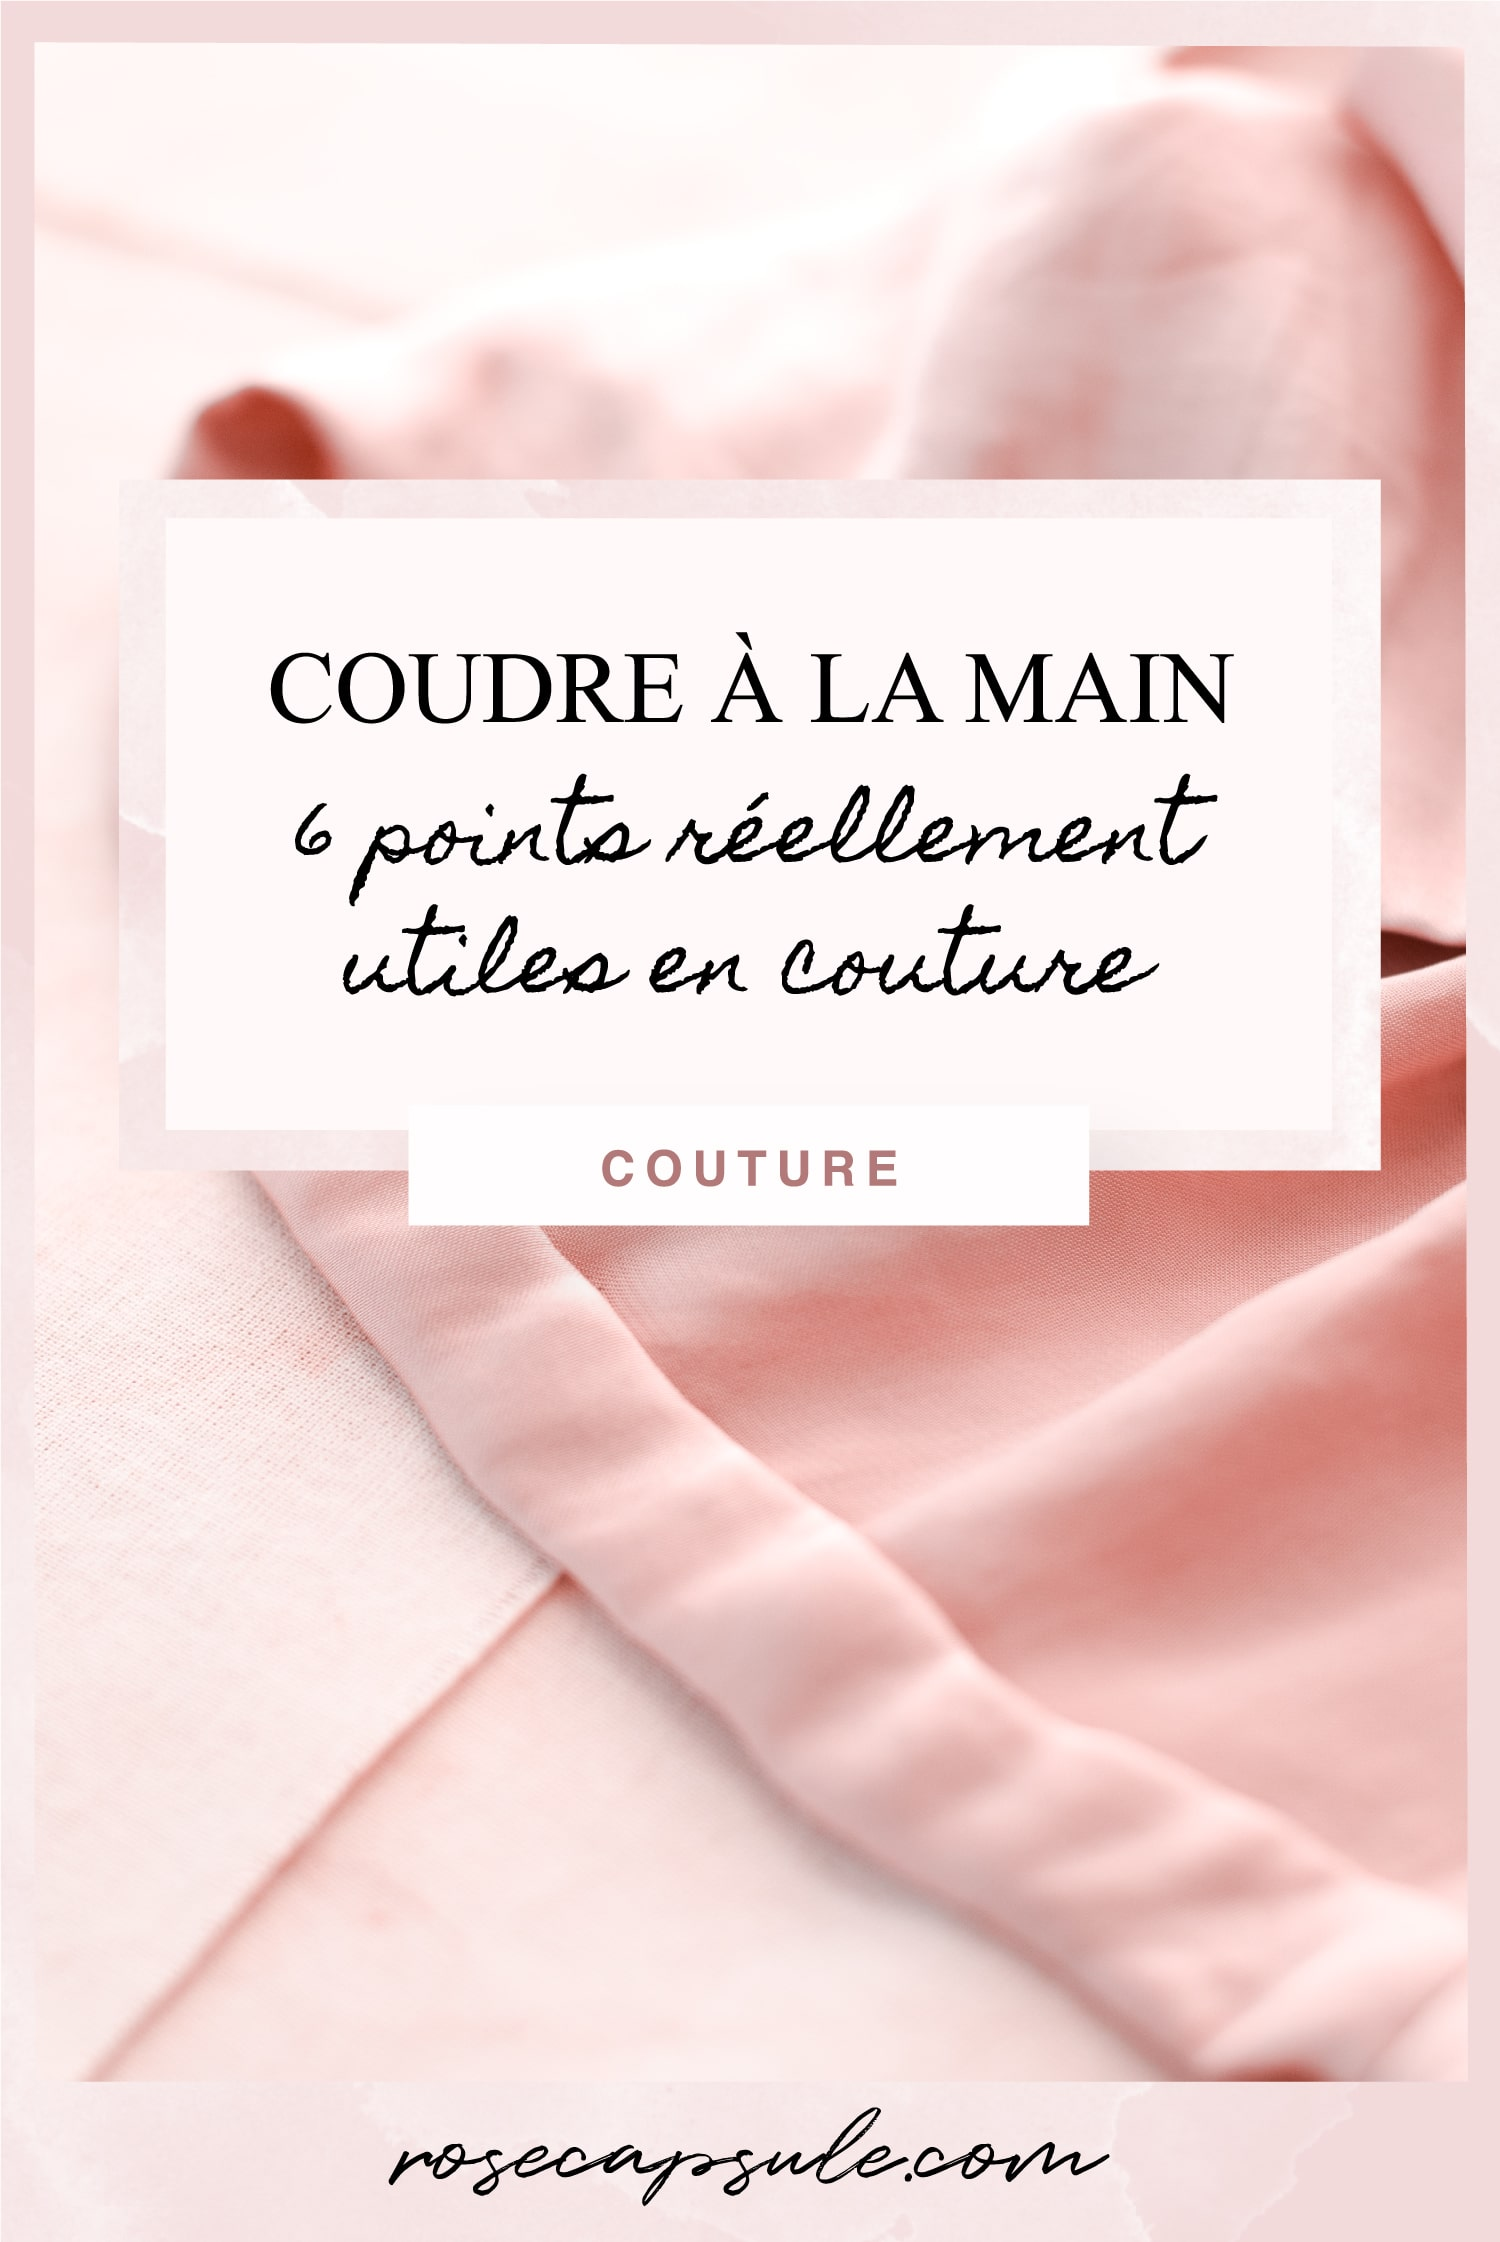 Coudre à la main : 6 points réellement utiles en couture